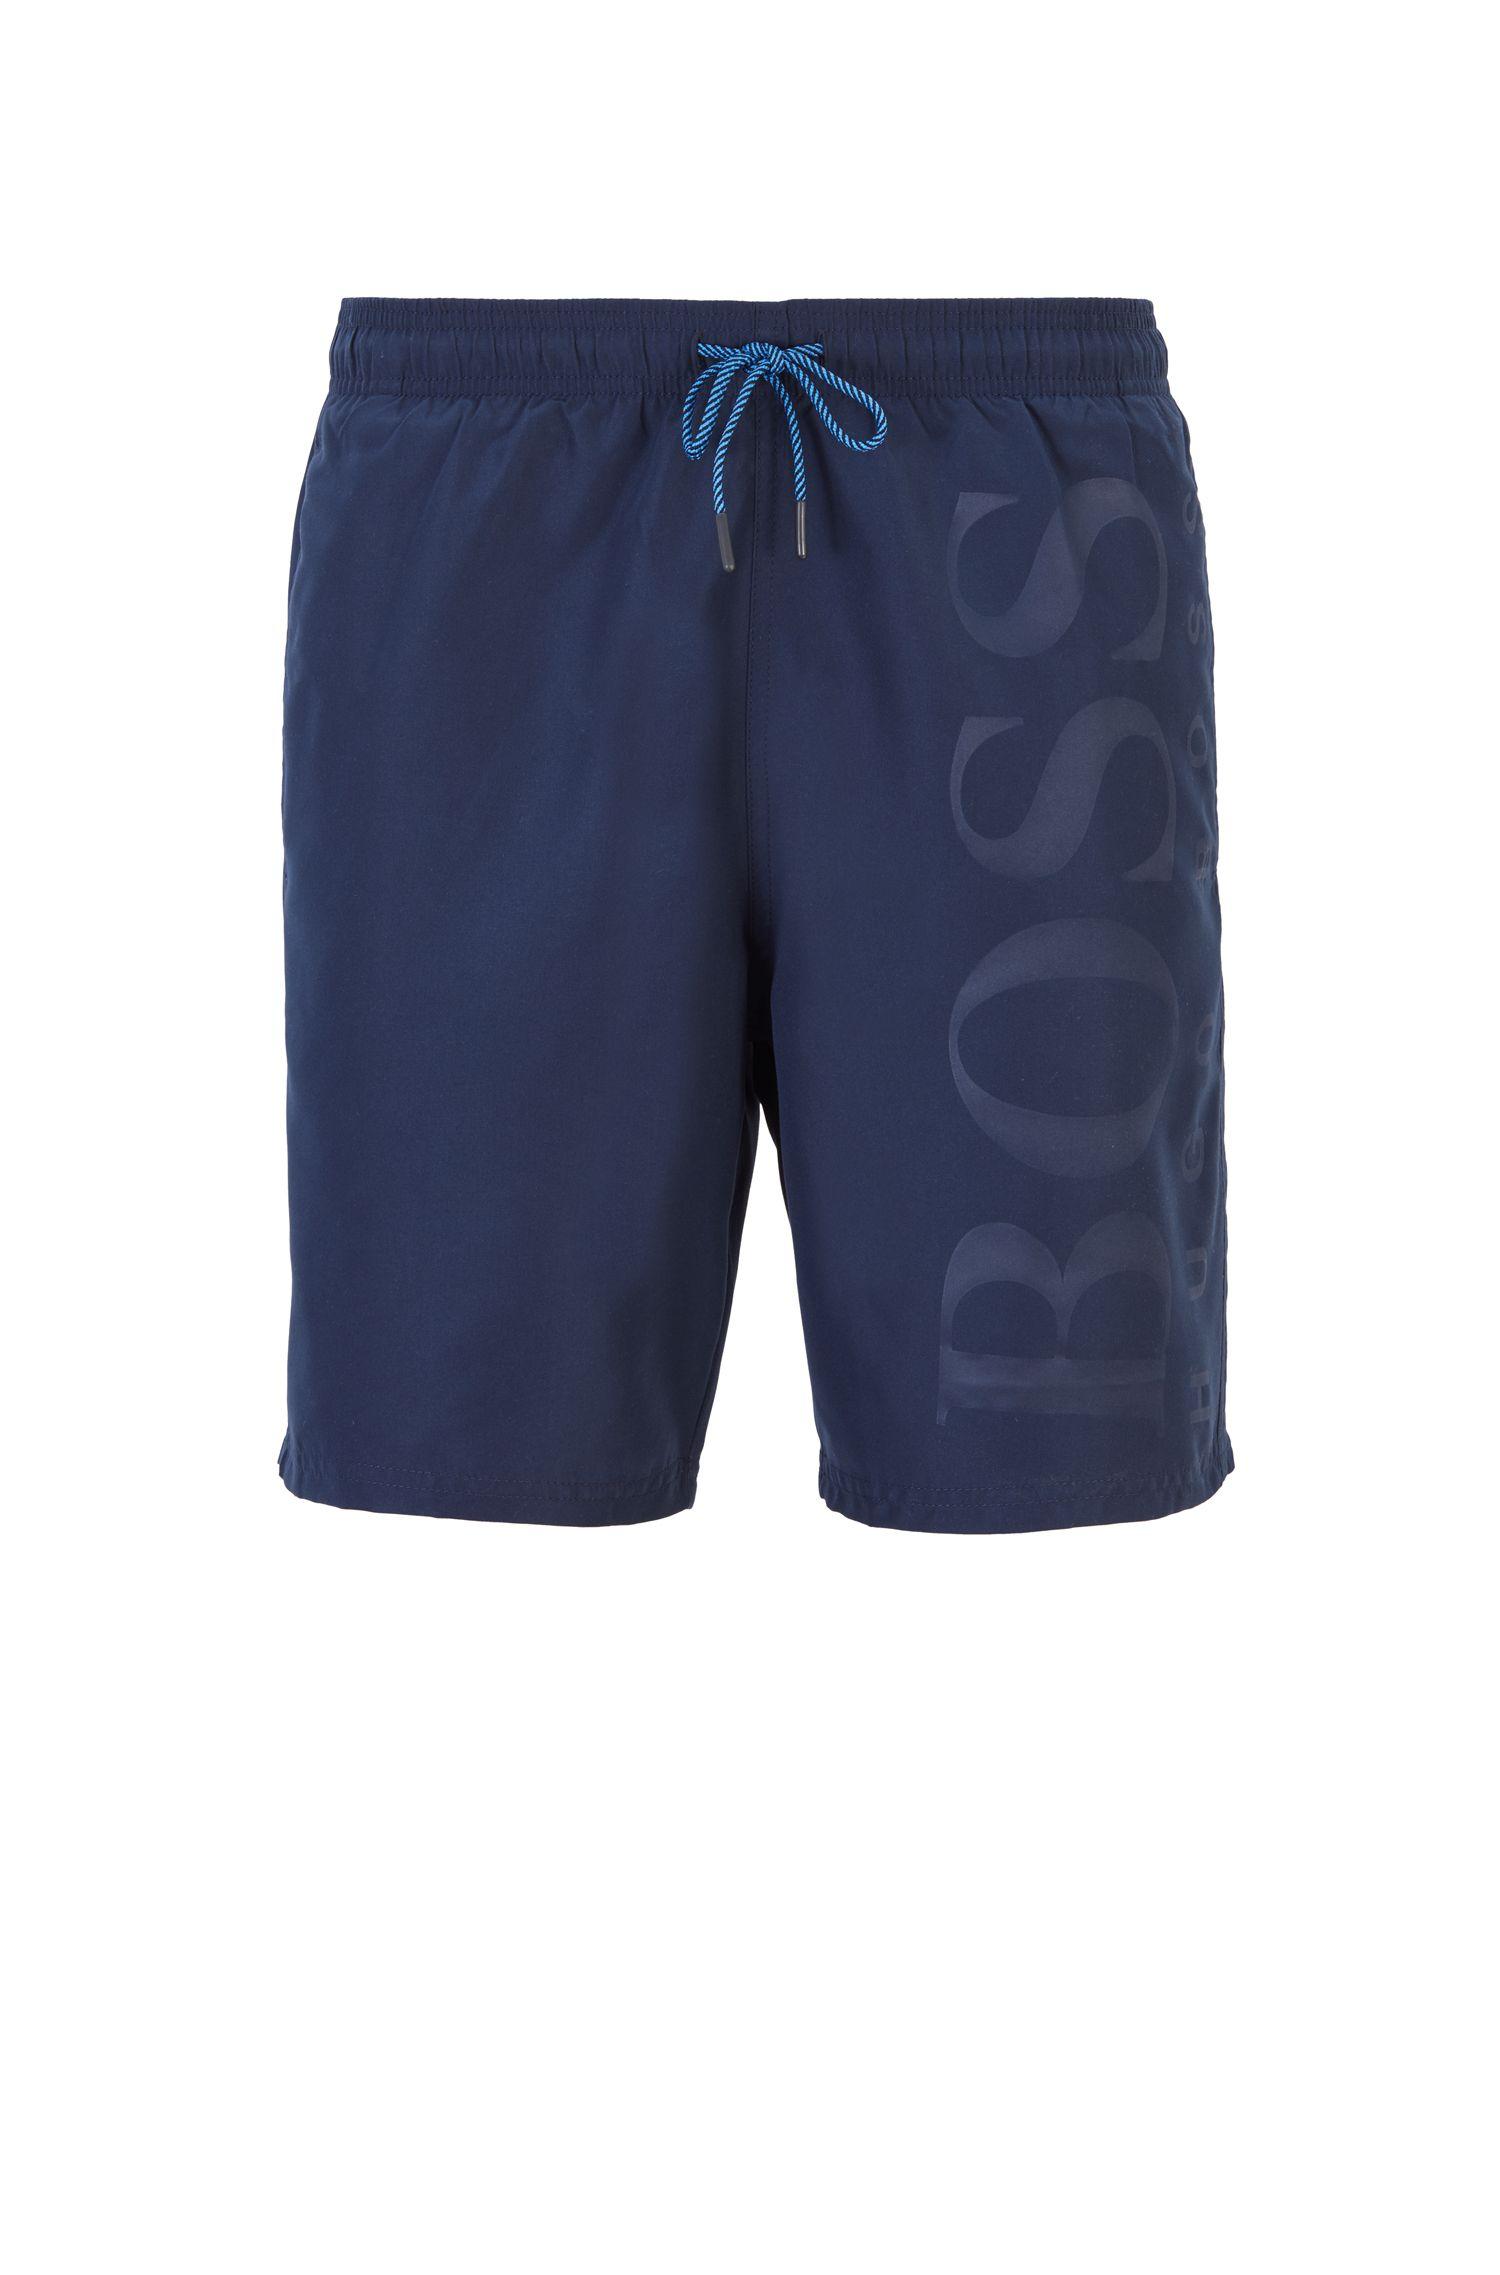 Bañador short de tejido técnico con cordón en la cintura, Azul oscuro